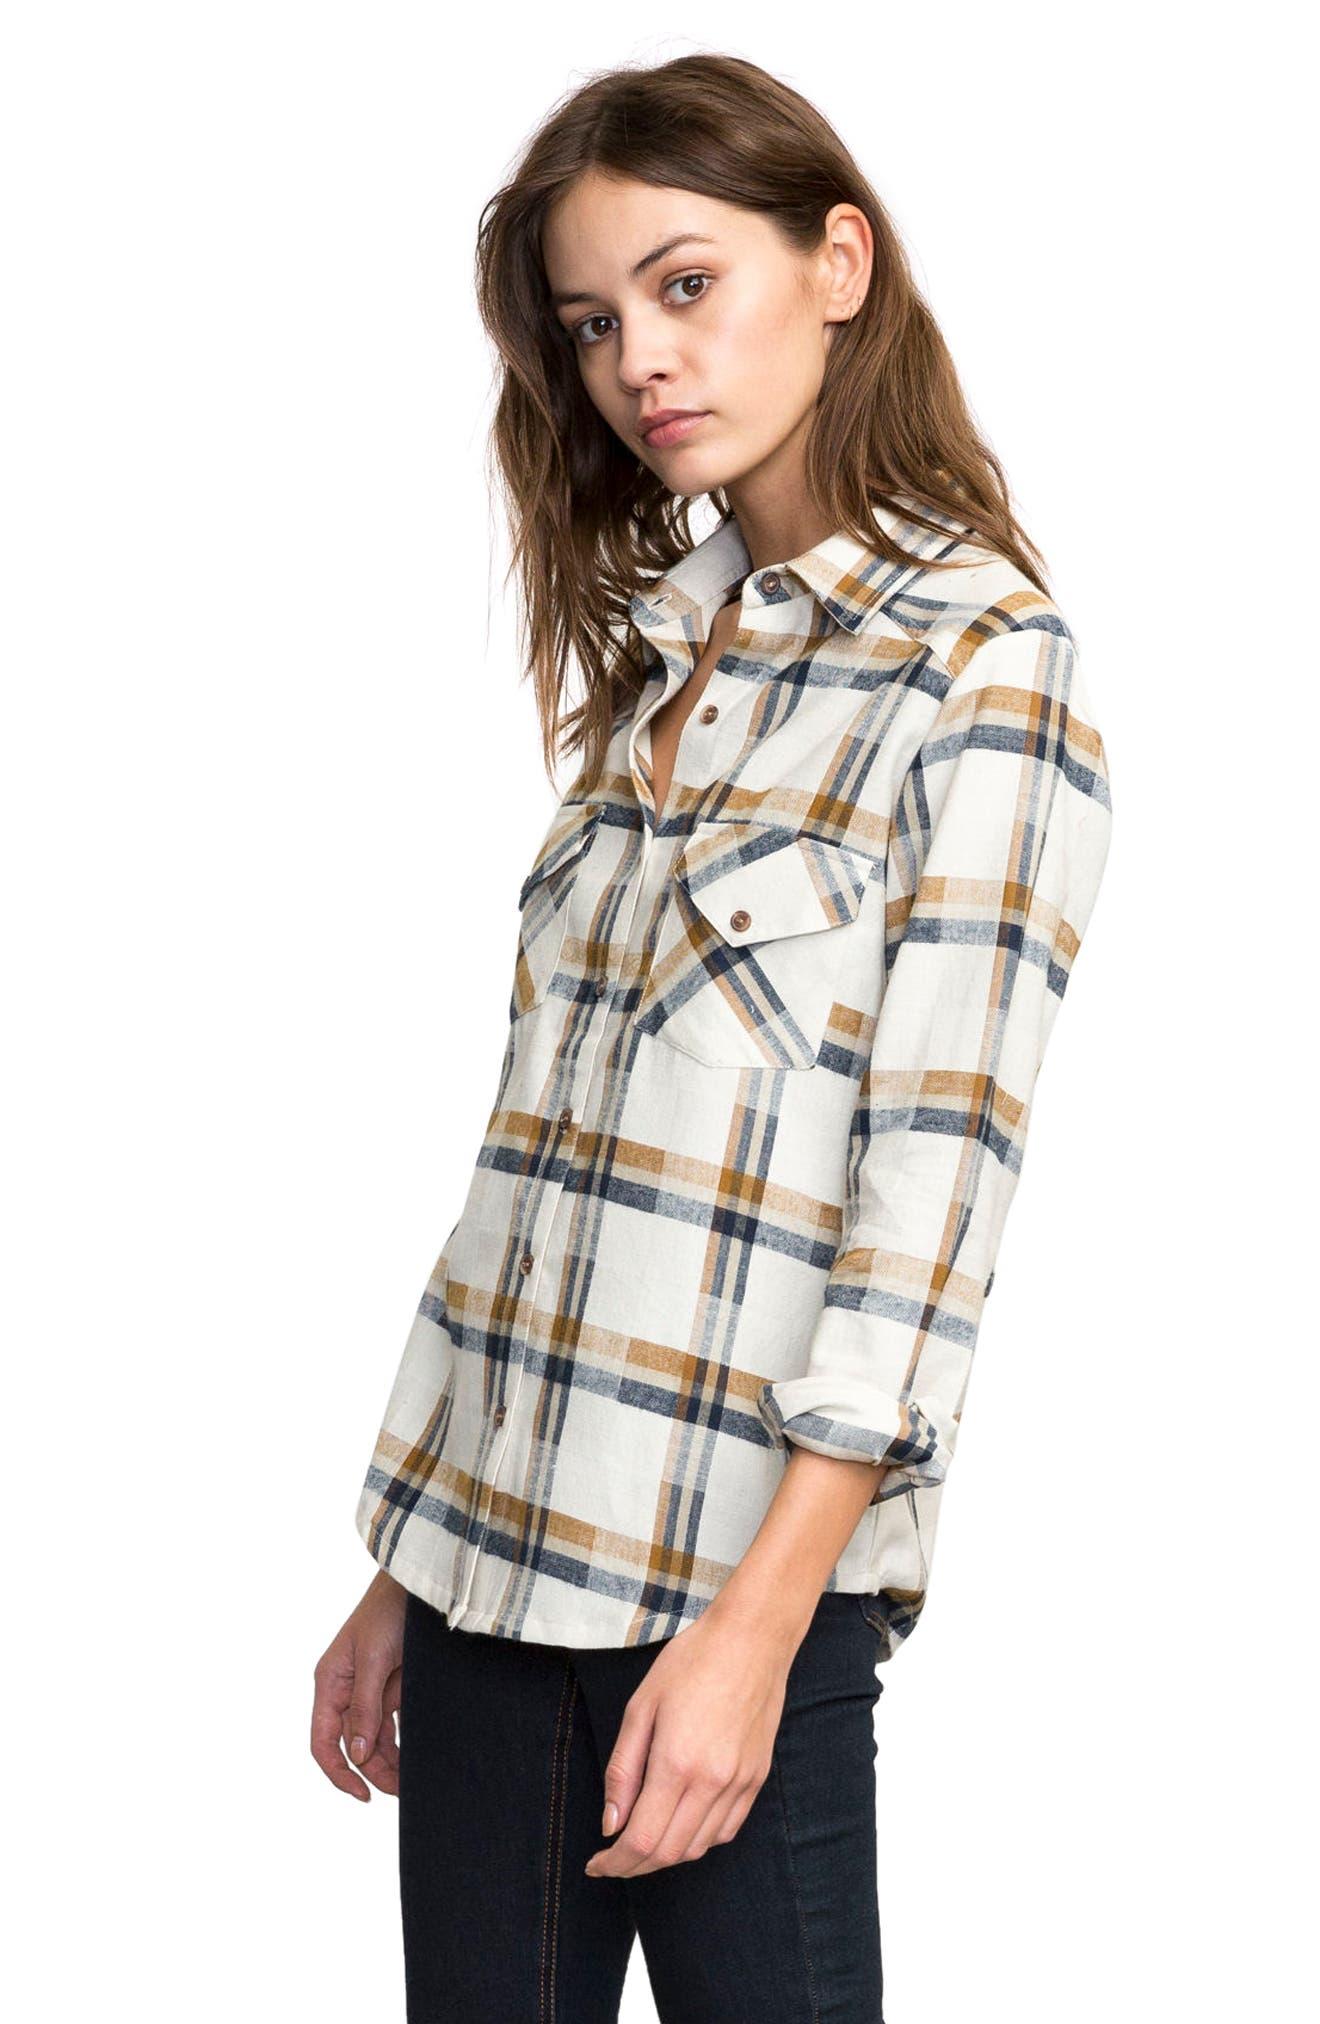 Plaid Flannel Shirt,                             Alternate thumbnail 3, color,                             Slb - Silver Bleach